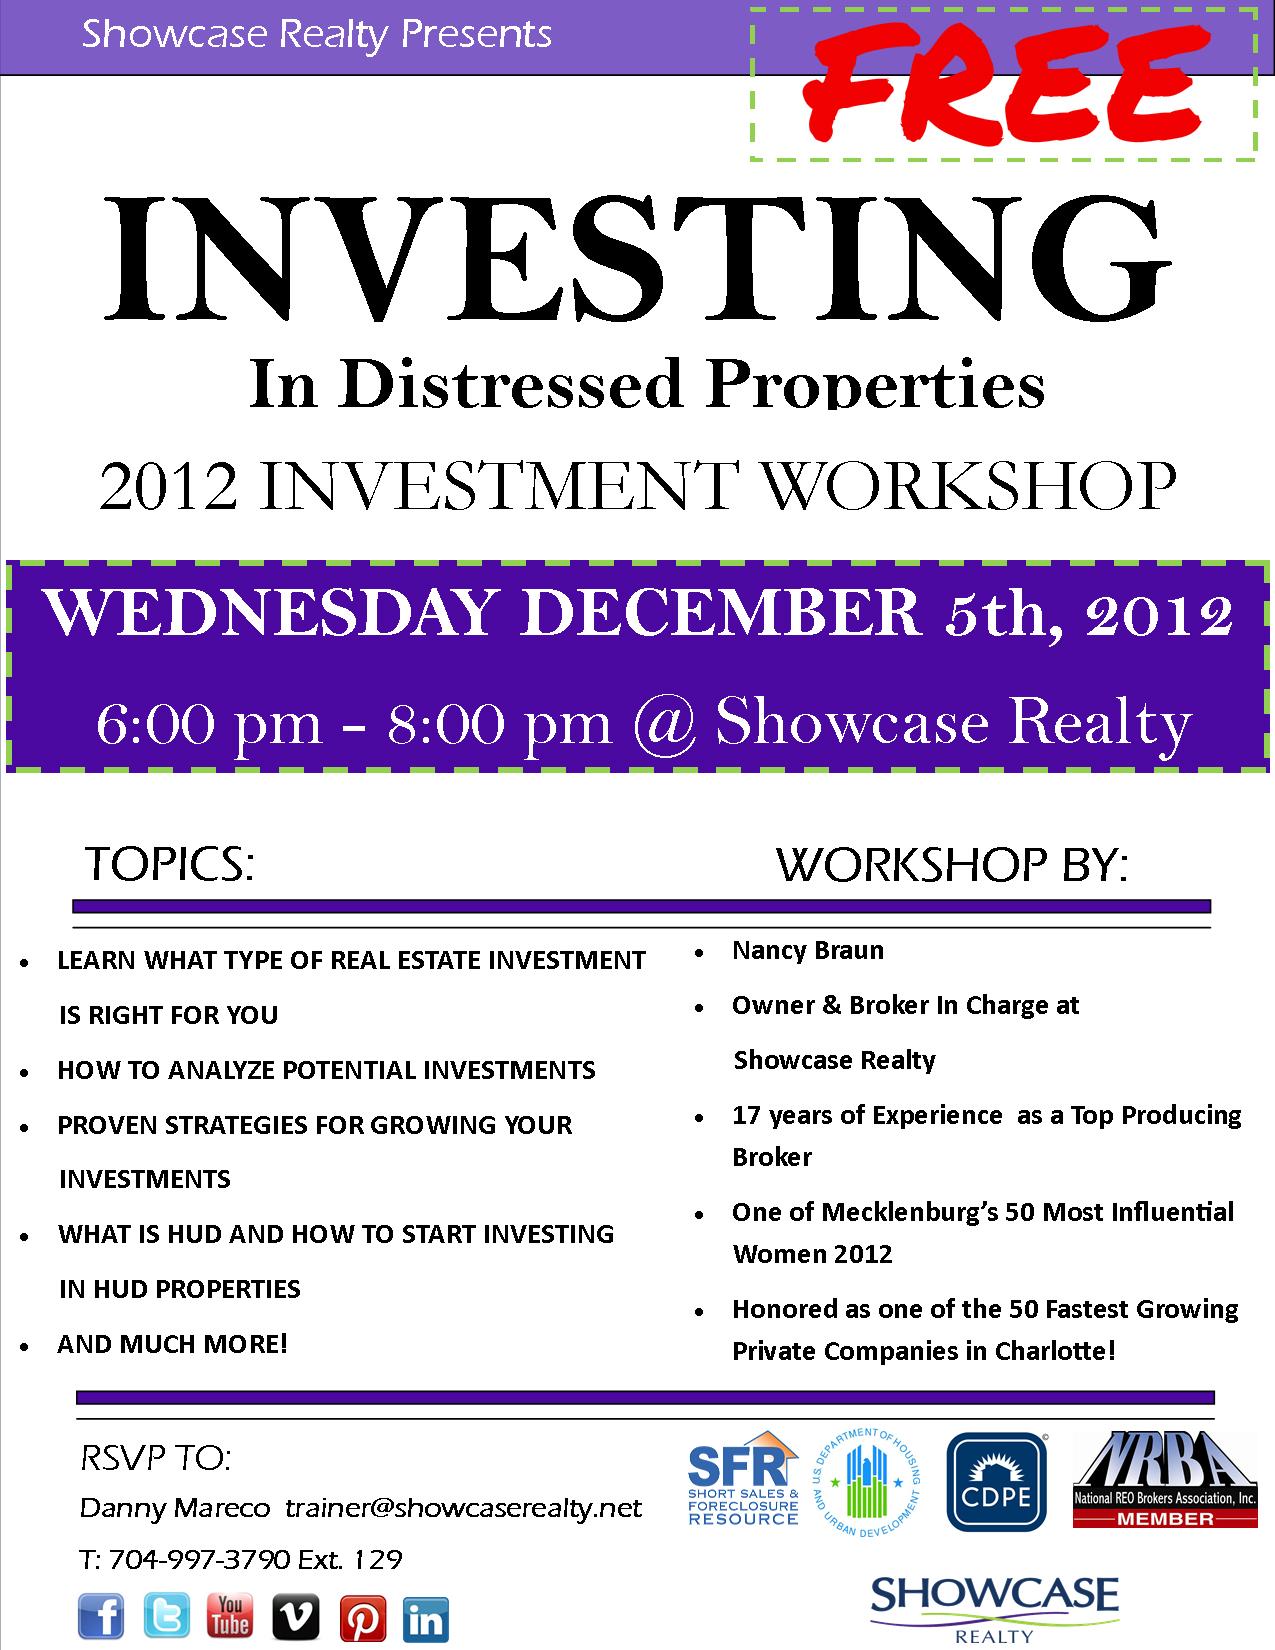 Investment Workshop